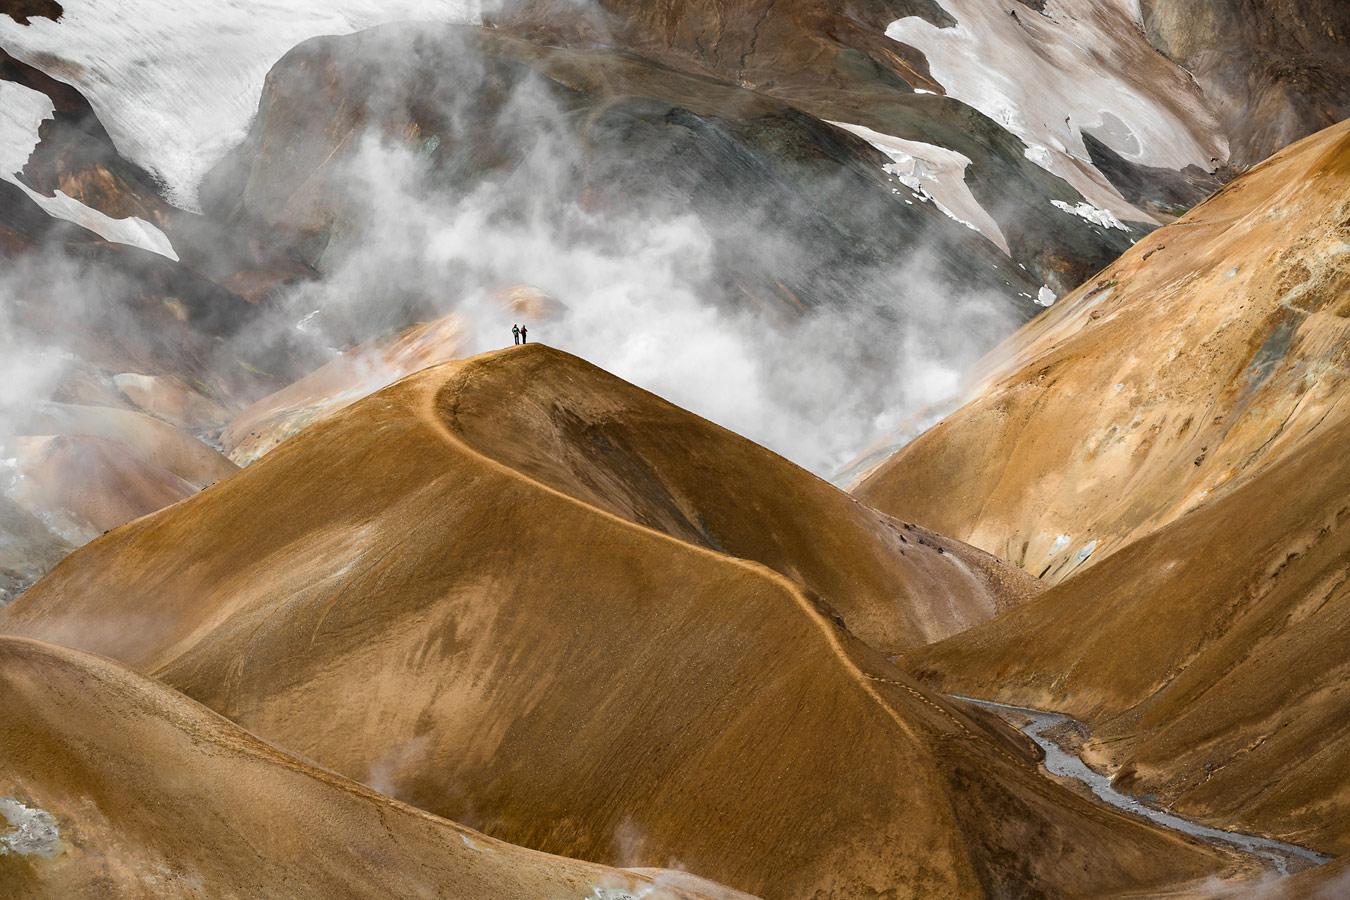 Исландия, © Анил Сад, Виннипег, Канада, 1-е место в категории «Настроение места», любитель, Фотоконкурс экстремальных путешествий «Мир в фокусе» — World In Focus